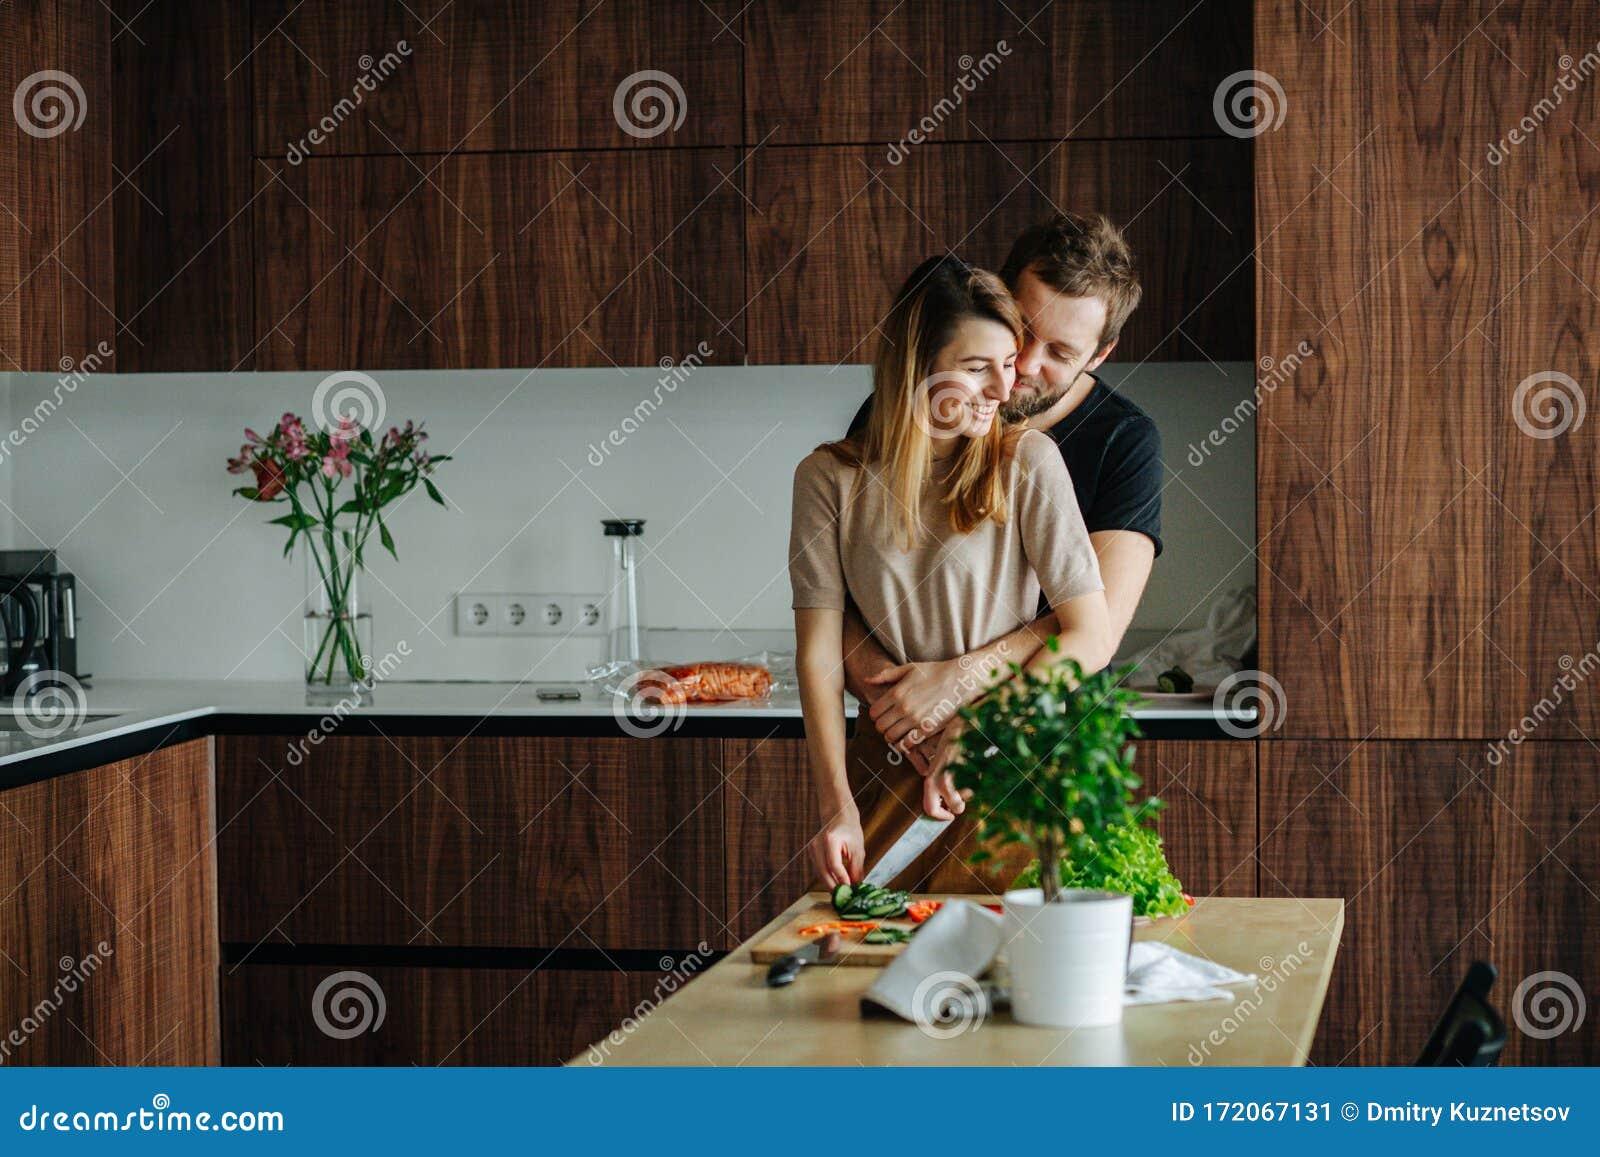 Frau sucht mann mit haus